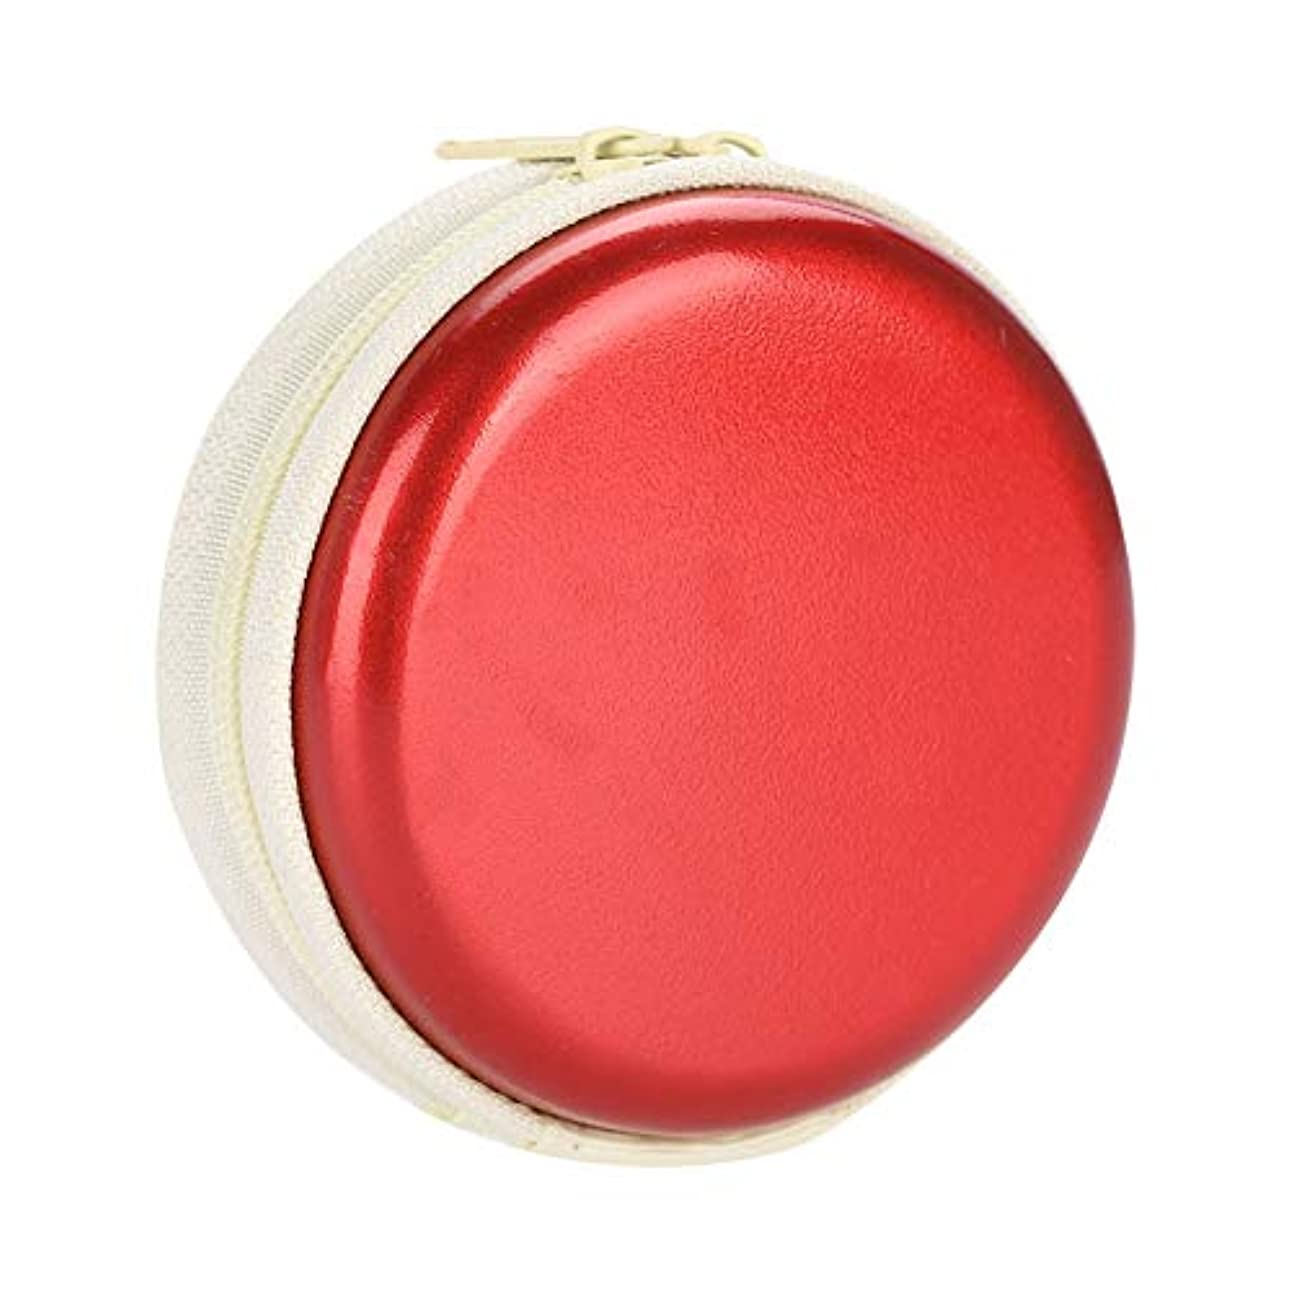 洗剤肖像画最少エッセンシャルオイルキャリングケーストラベルキャリアコンテナコンパクト&ポータブルオイルバッグ保護外装ハードシェル付き外装ストレージ(Red)